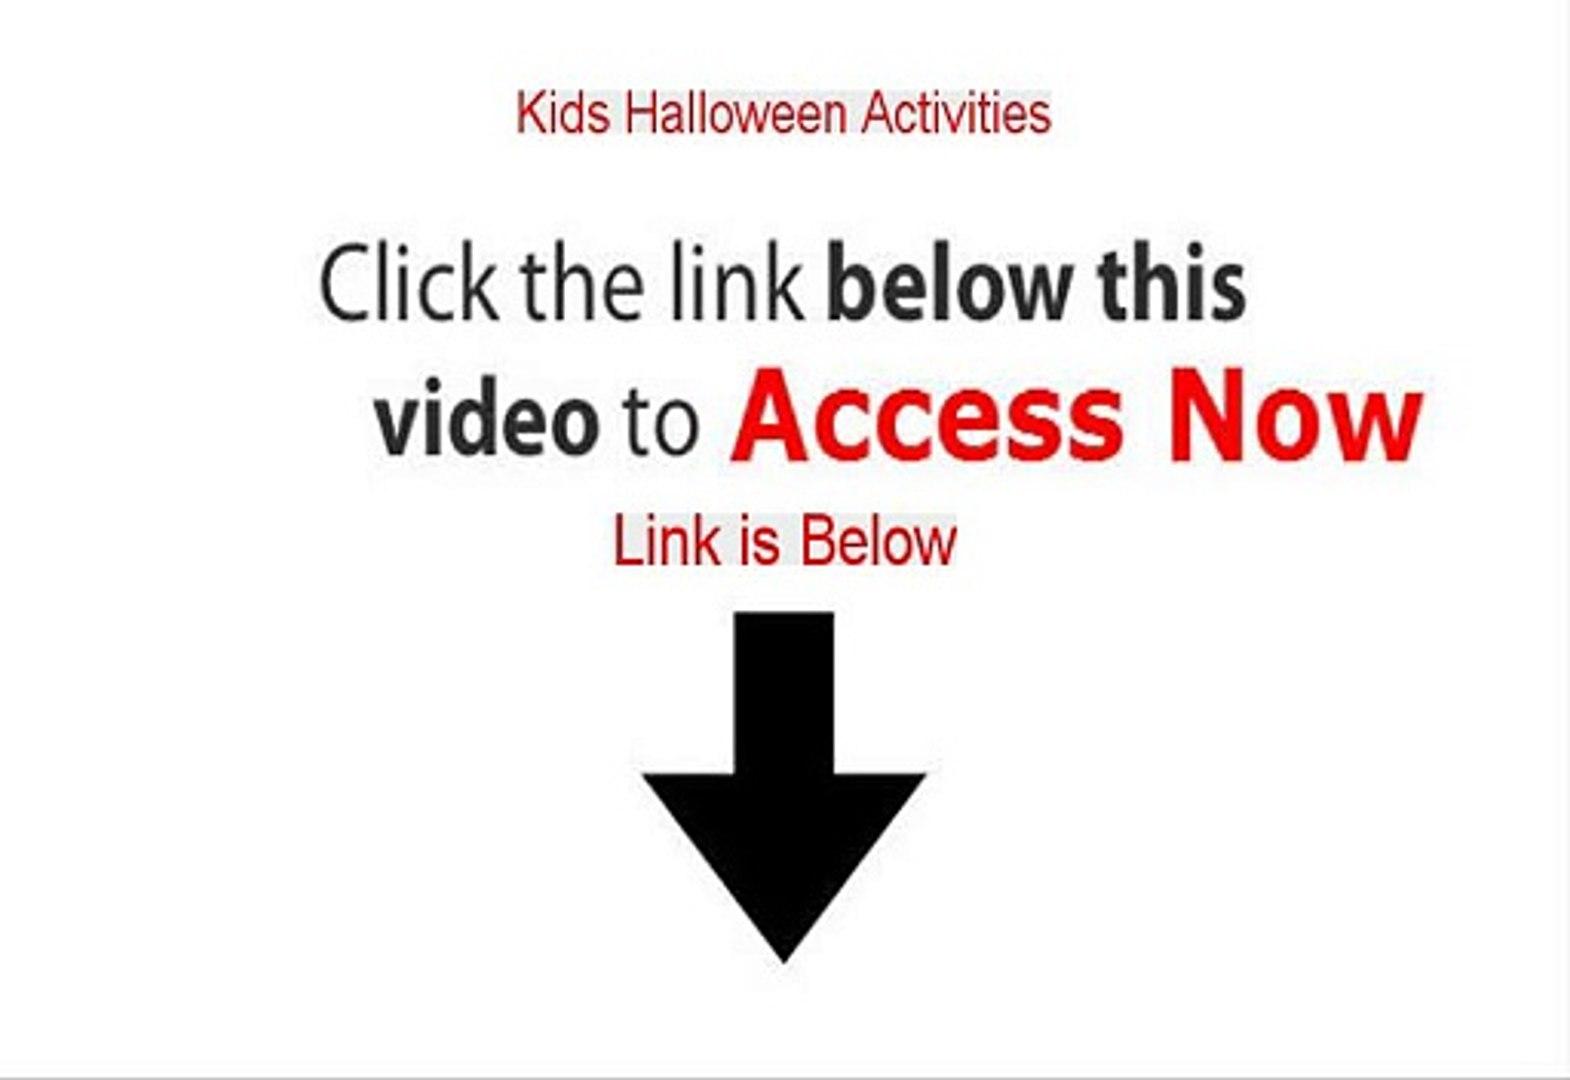 Kids Halloween Activities PDF Free - Instant Download 2015